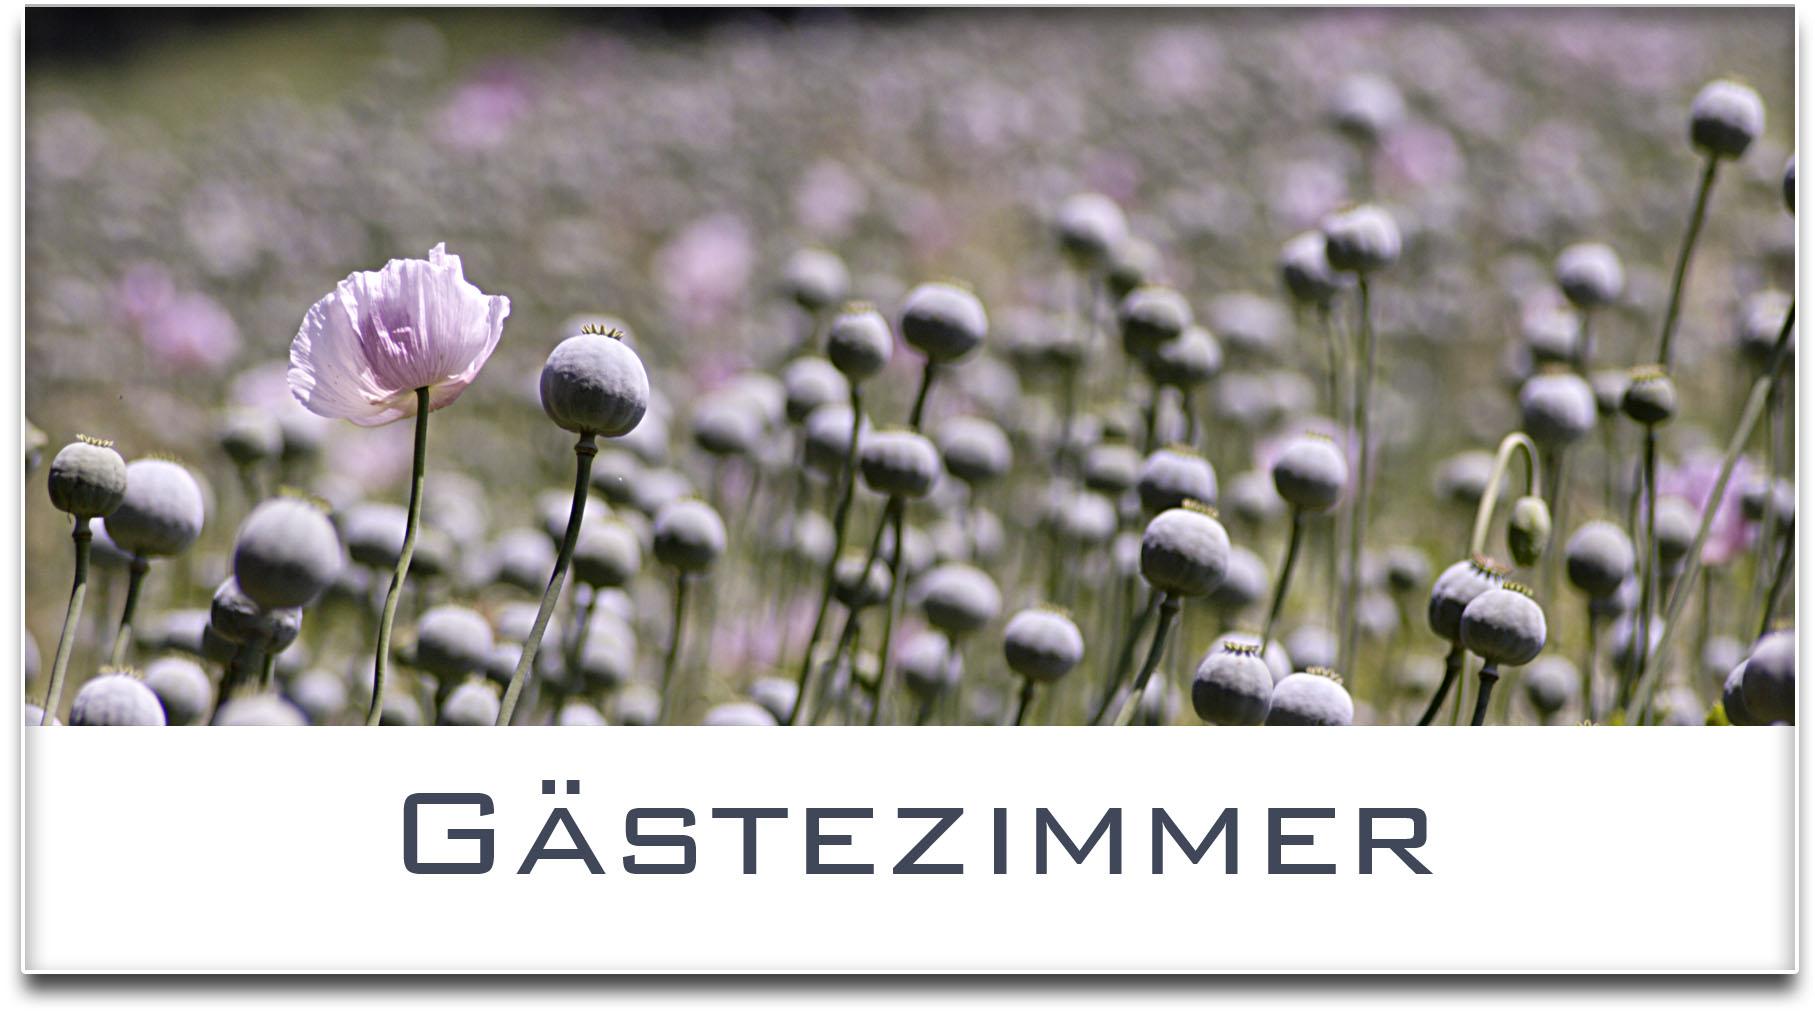 Türschild / Haustürschild / Mohnfeld / Gästezimmer / Selbstklebend